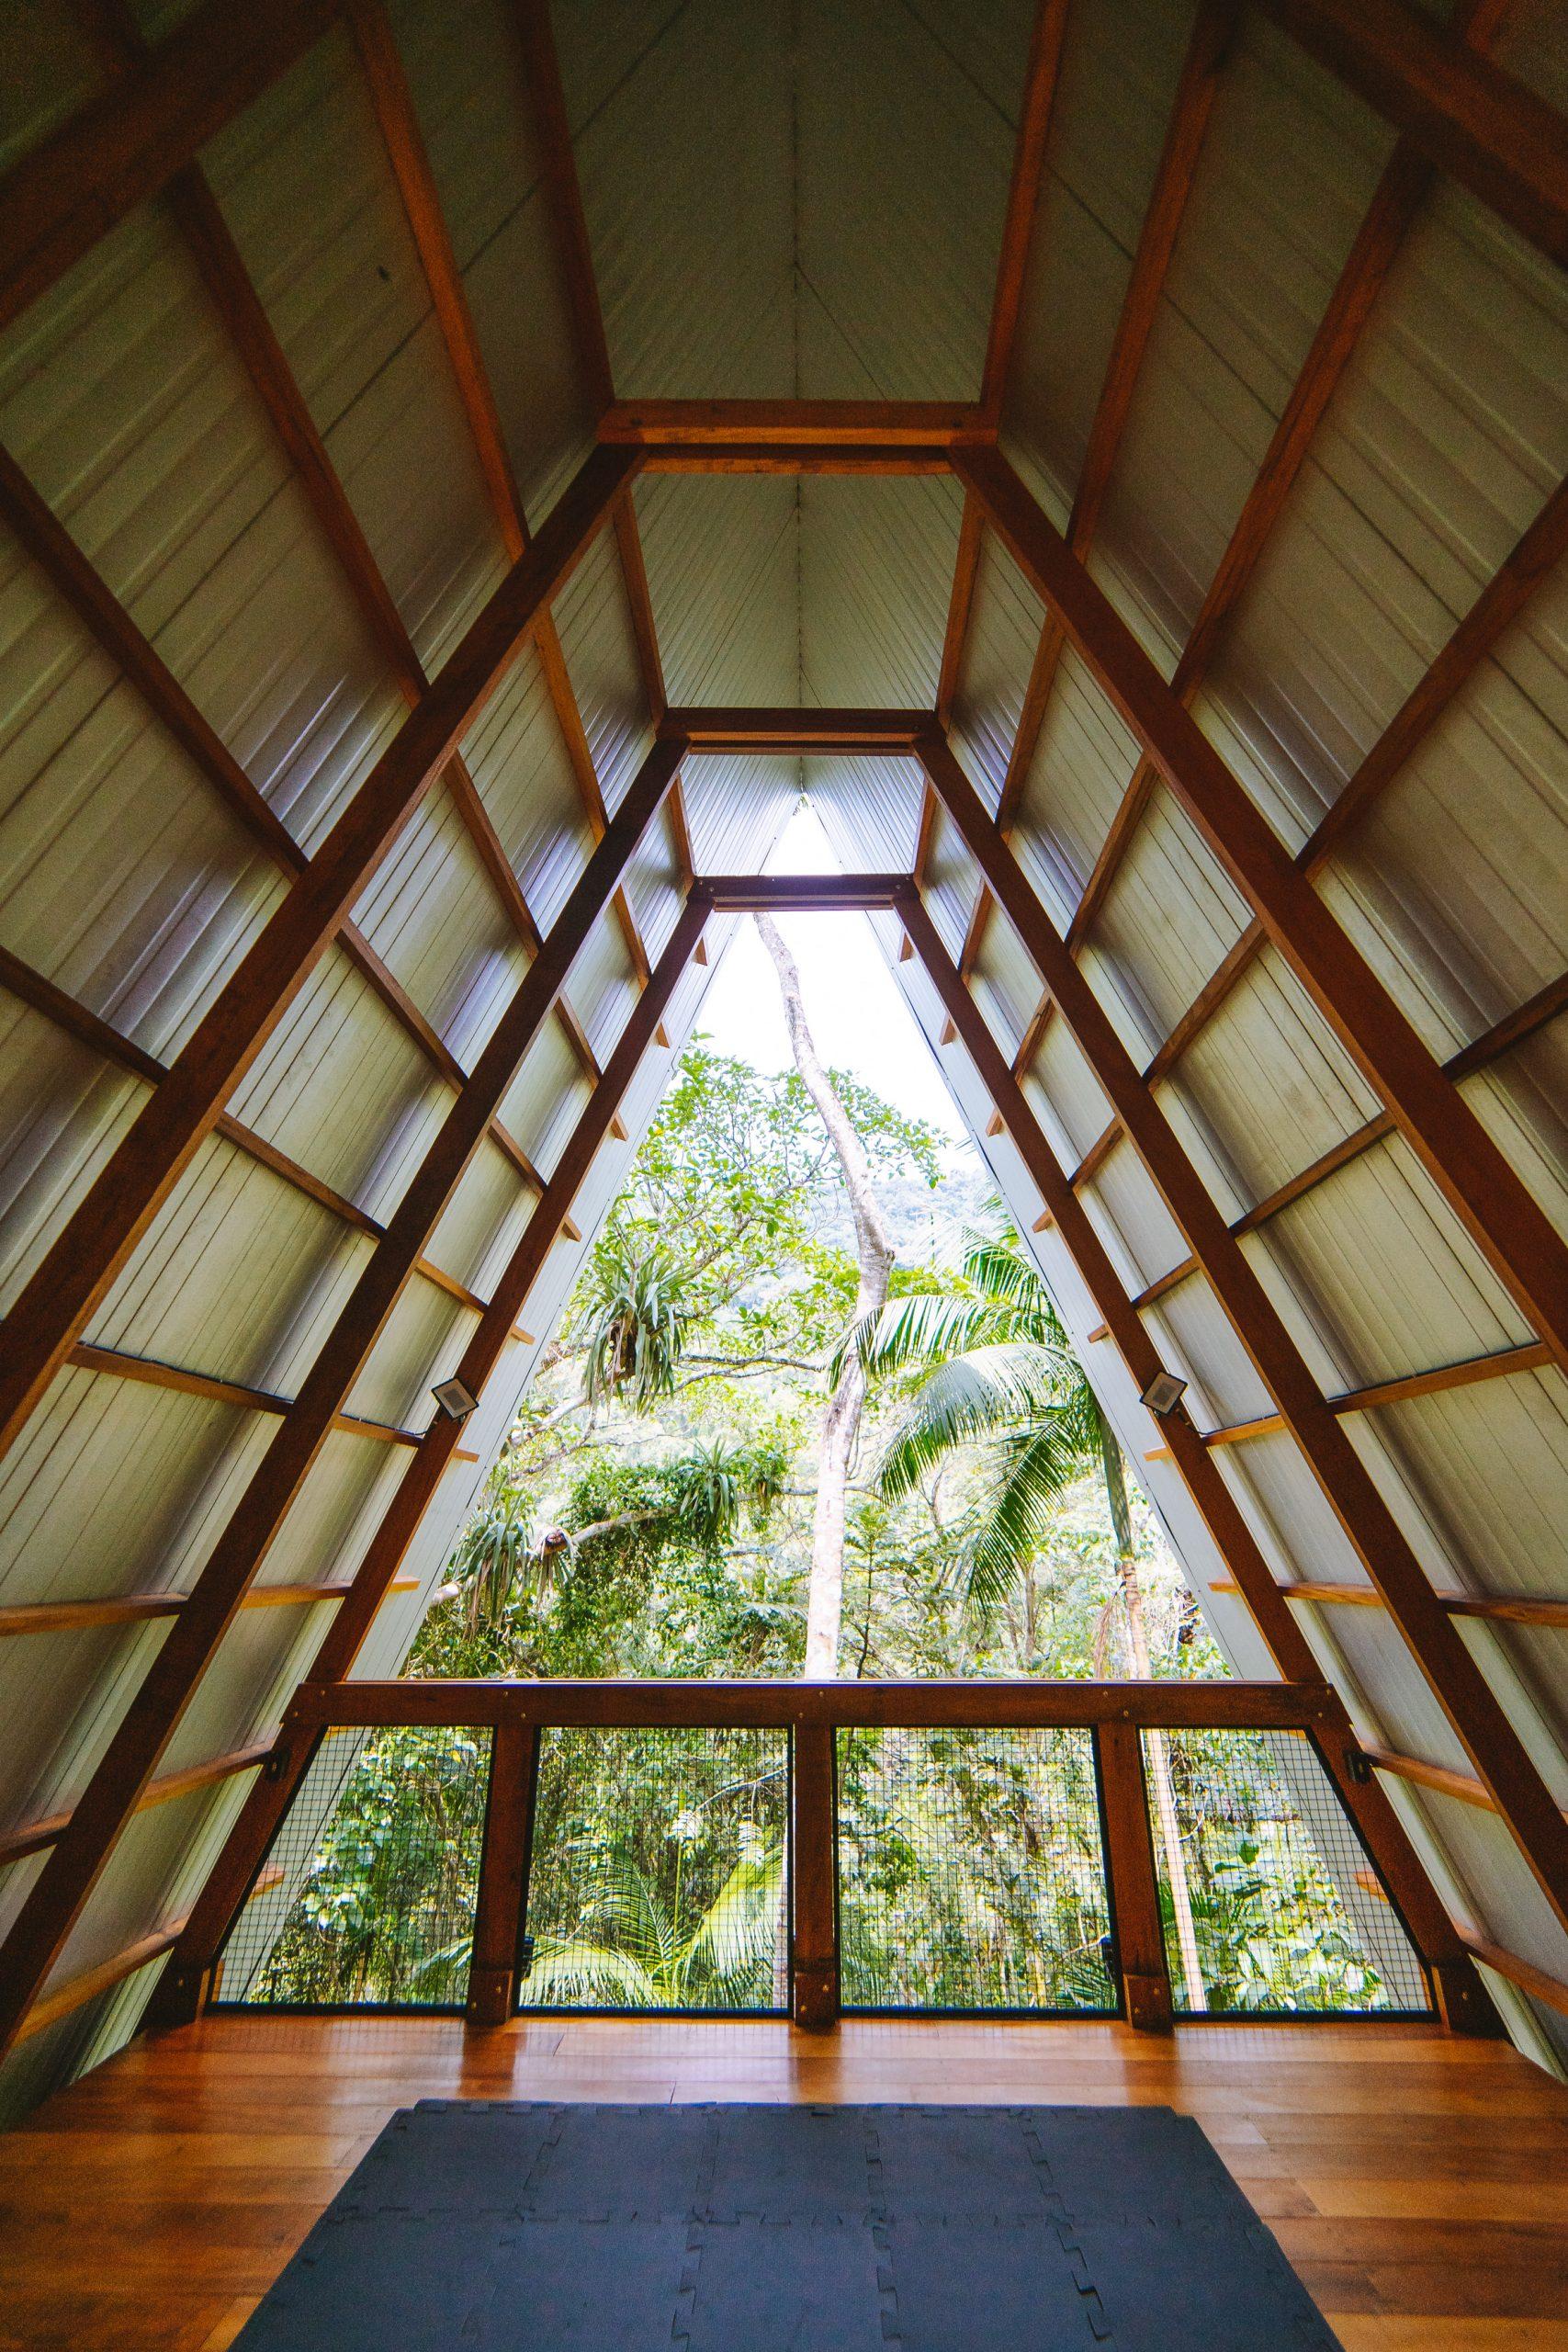 Rooftop terrace of Monkey House in Brazil